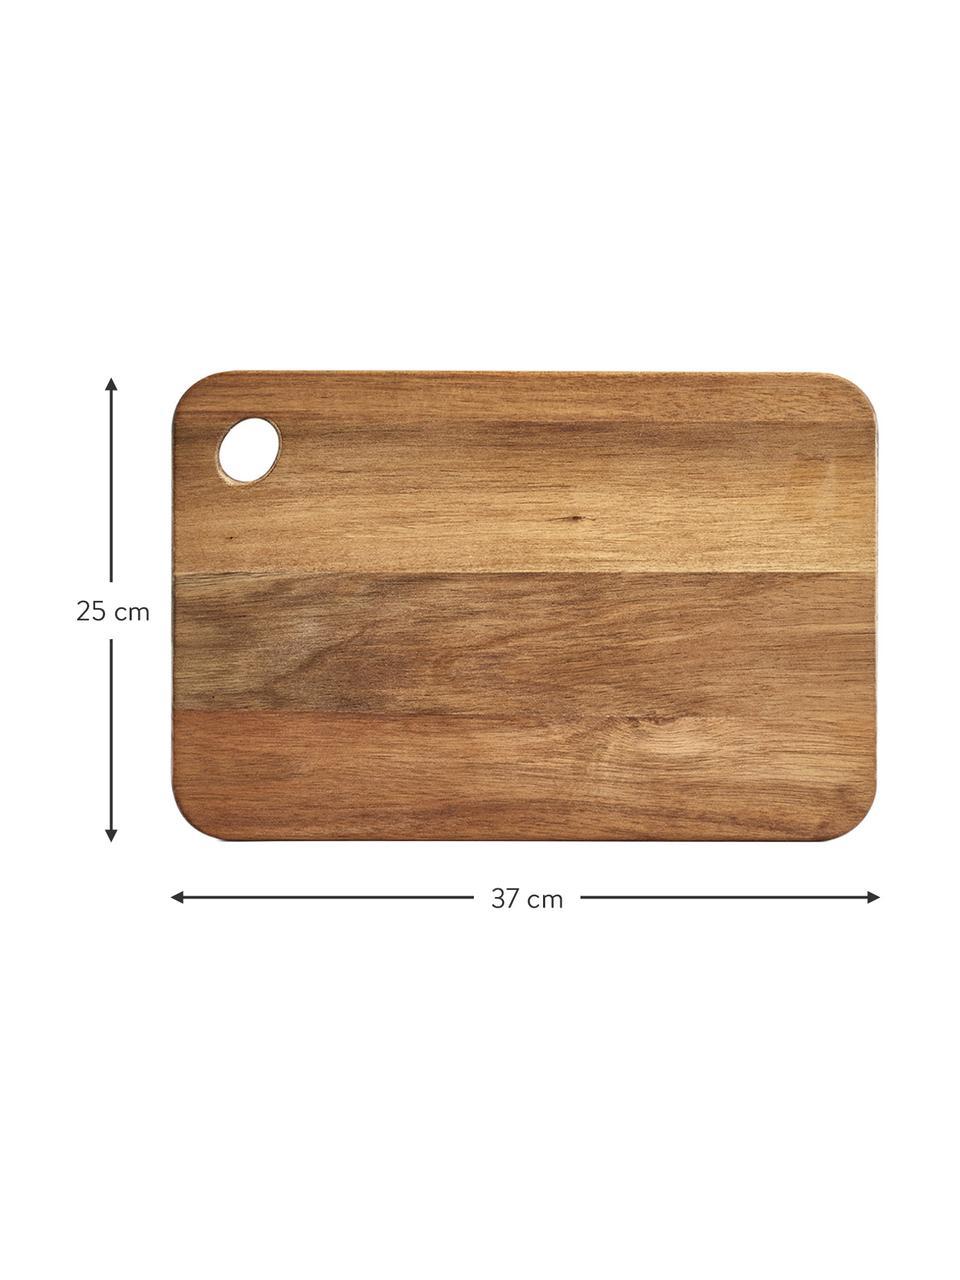 Tagliere in legno di acacia Akana, Legno di acacia oliato, Legno di acacia, Lung. 37 x Larg. 25 cm